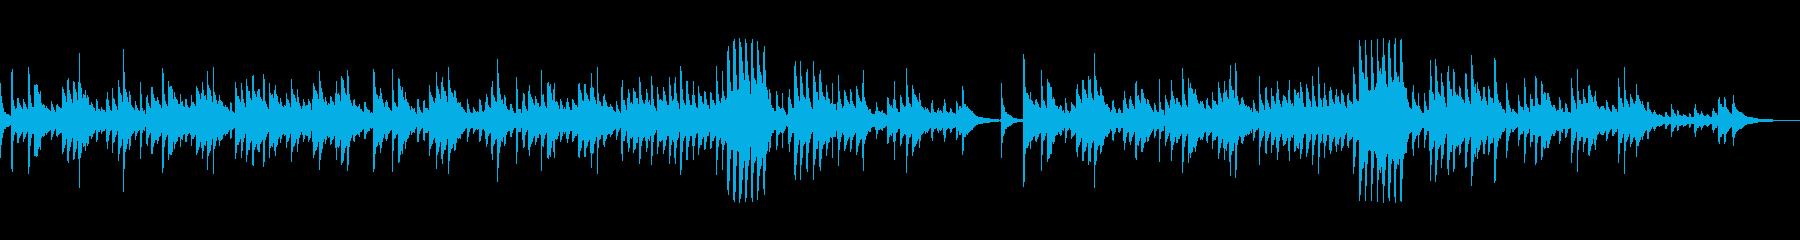 ショパン「別れの曲」和風箏アレンジの再生済みの波形